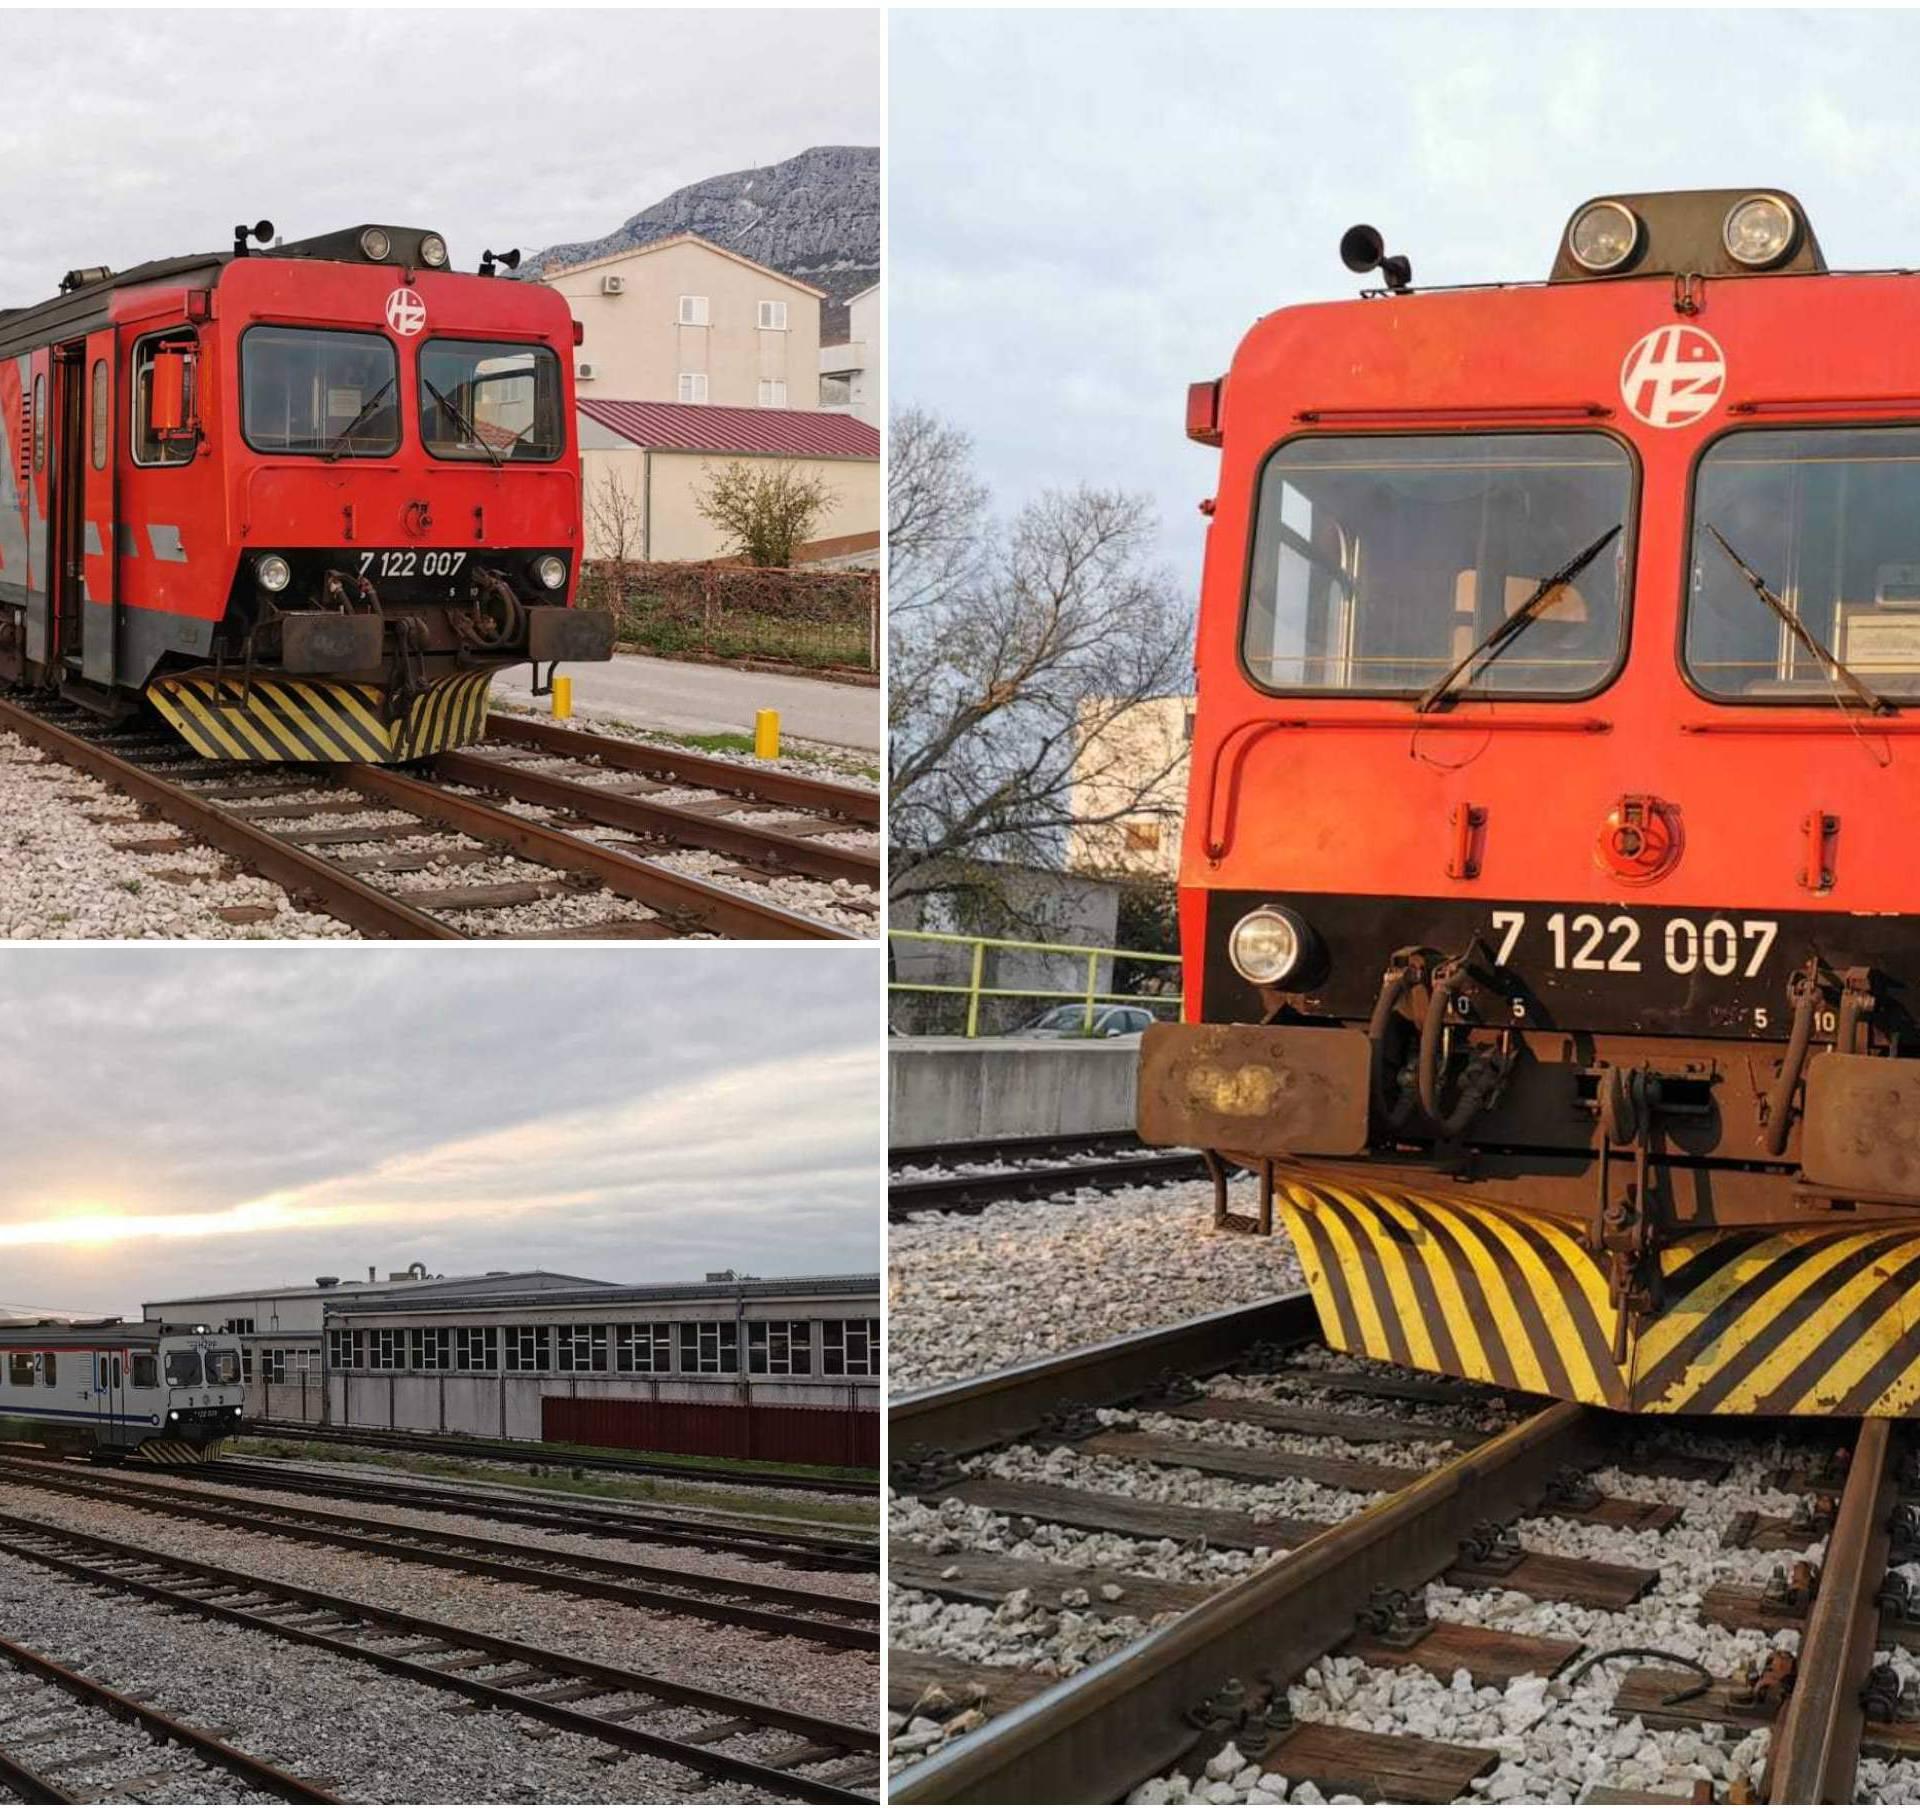 Ponovno je s tračnica izletio vlak, ovaj put u Kaštel Sućurcu